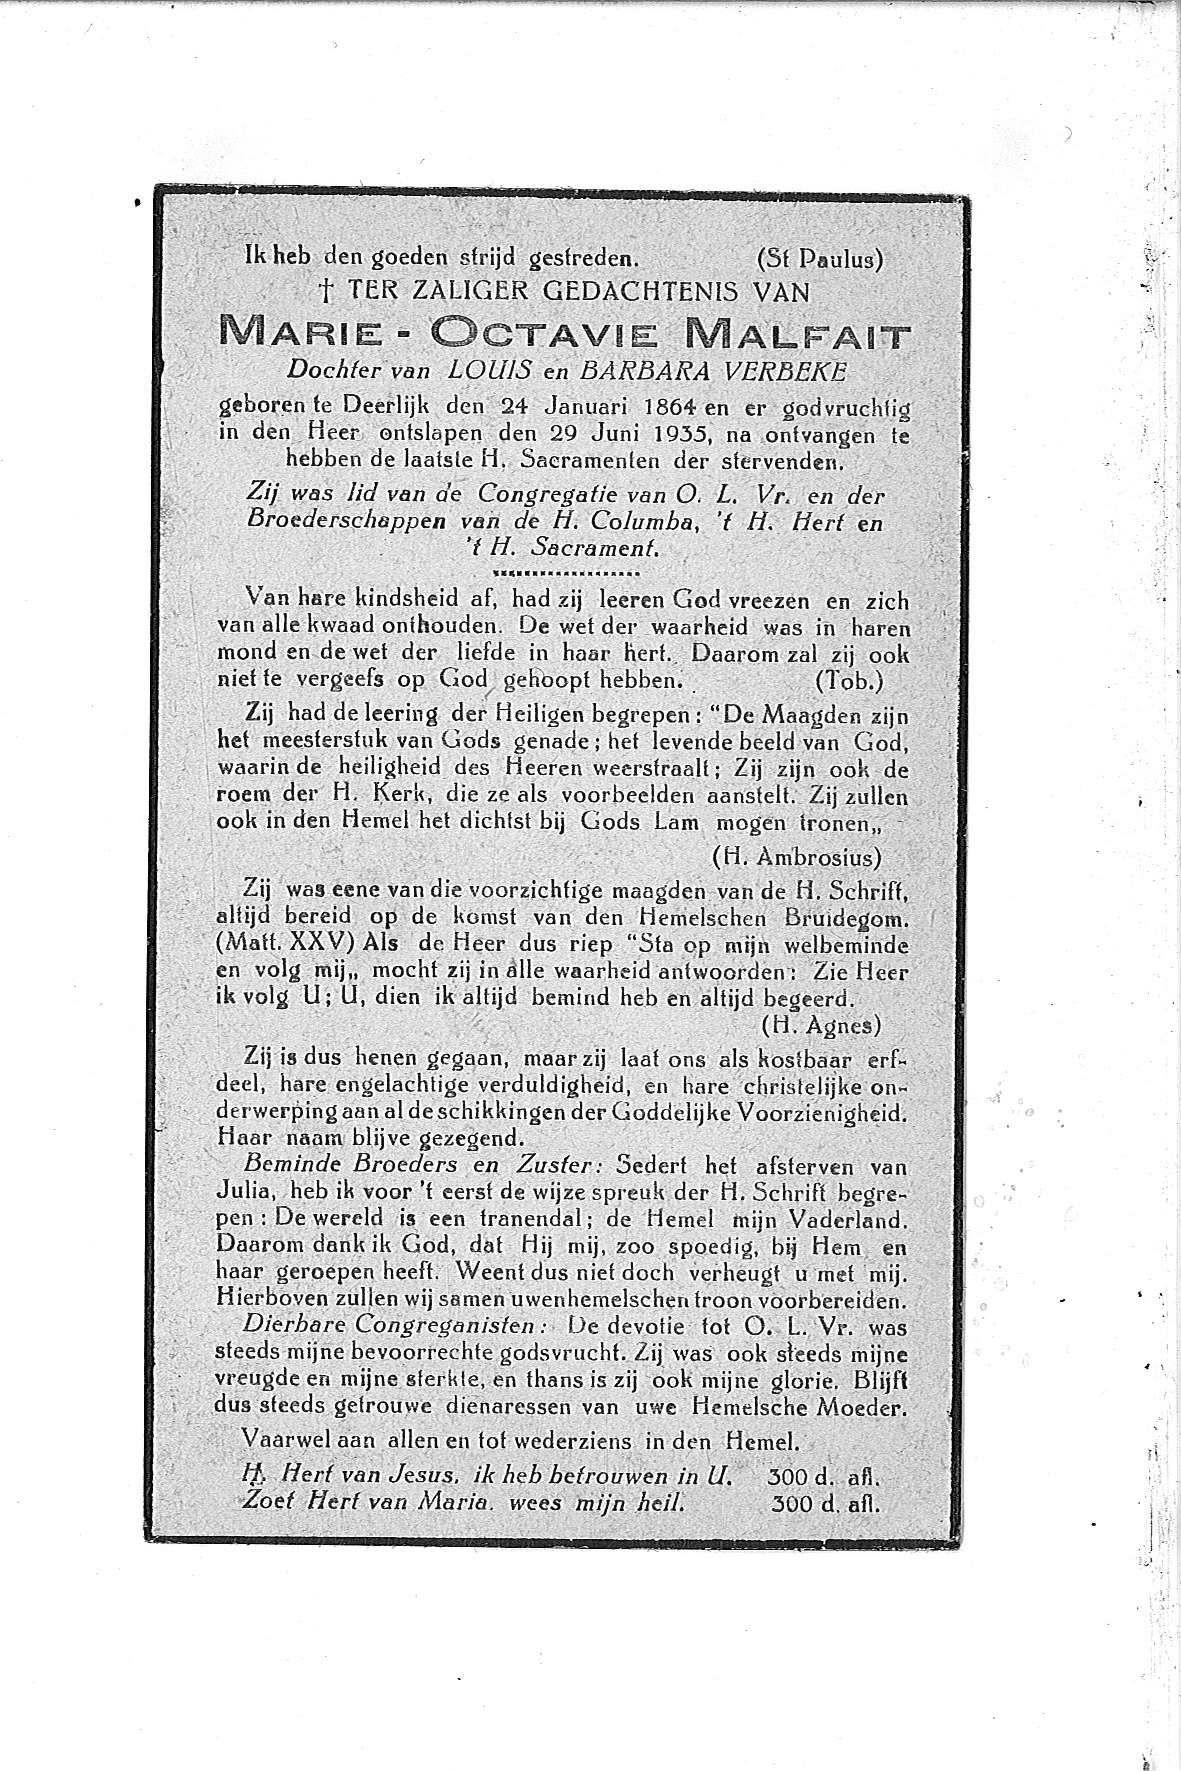 Marie-Octavie (1935) 20111121154356_00191.jpg